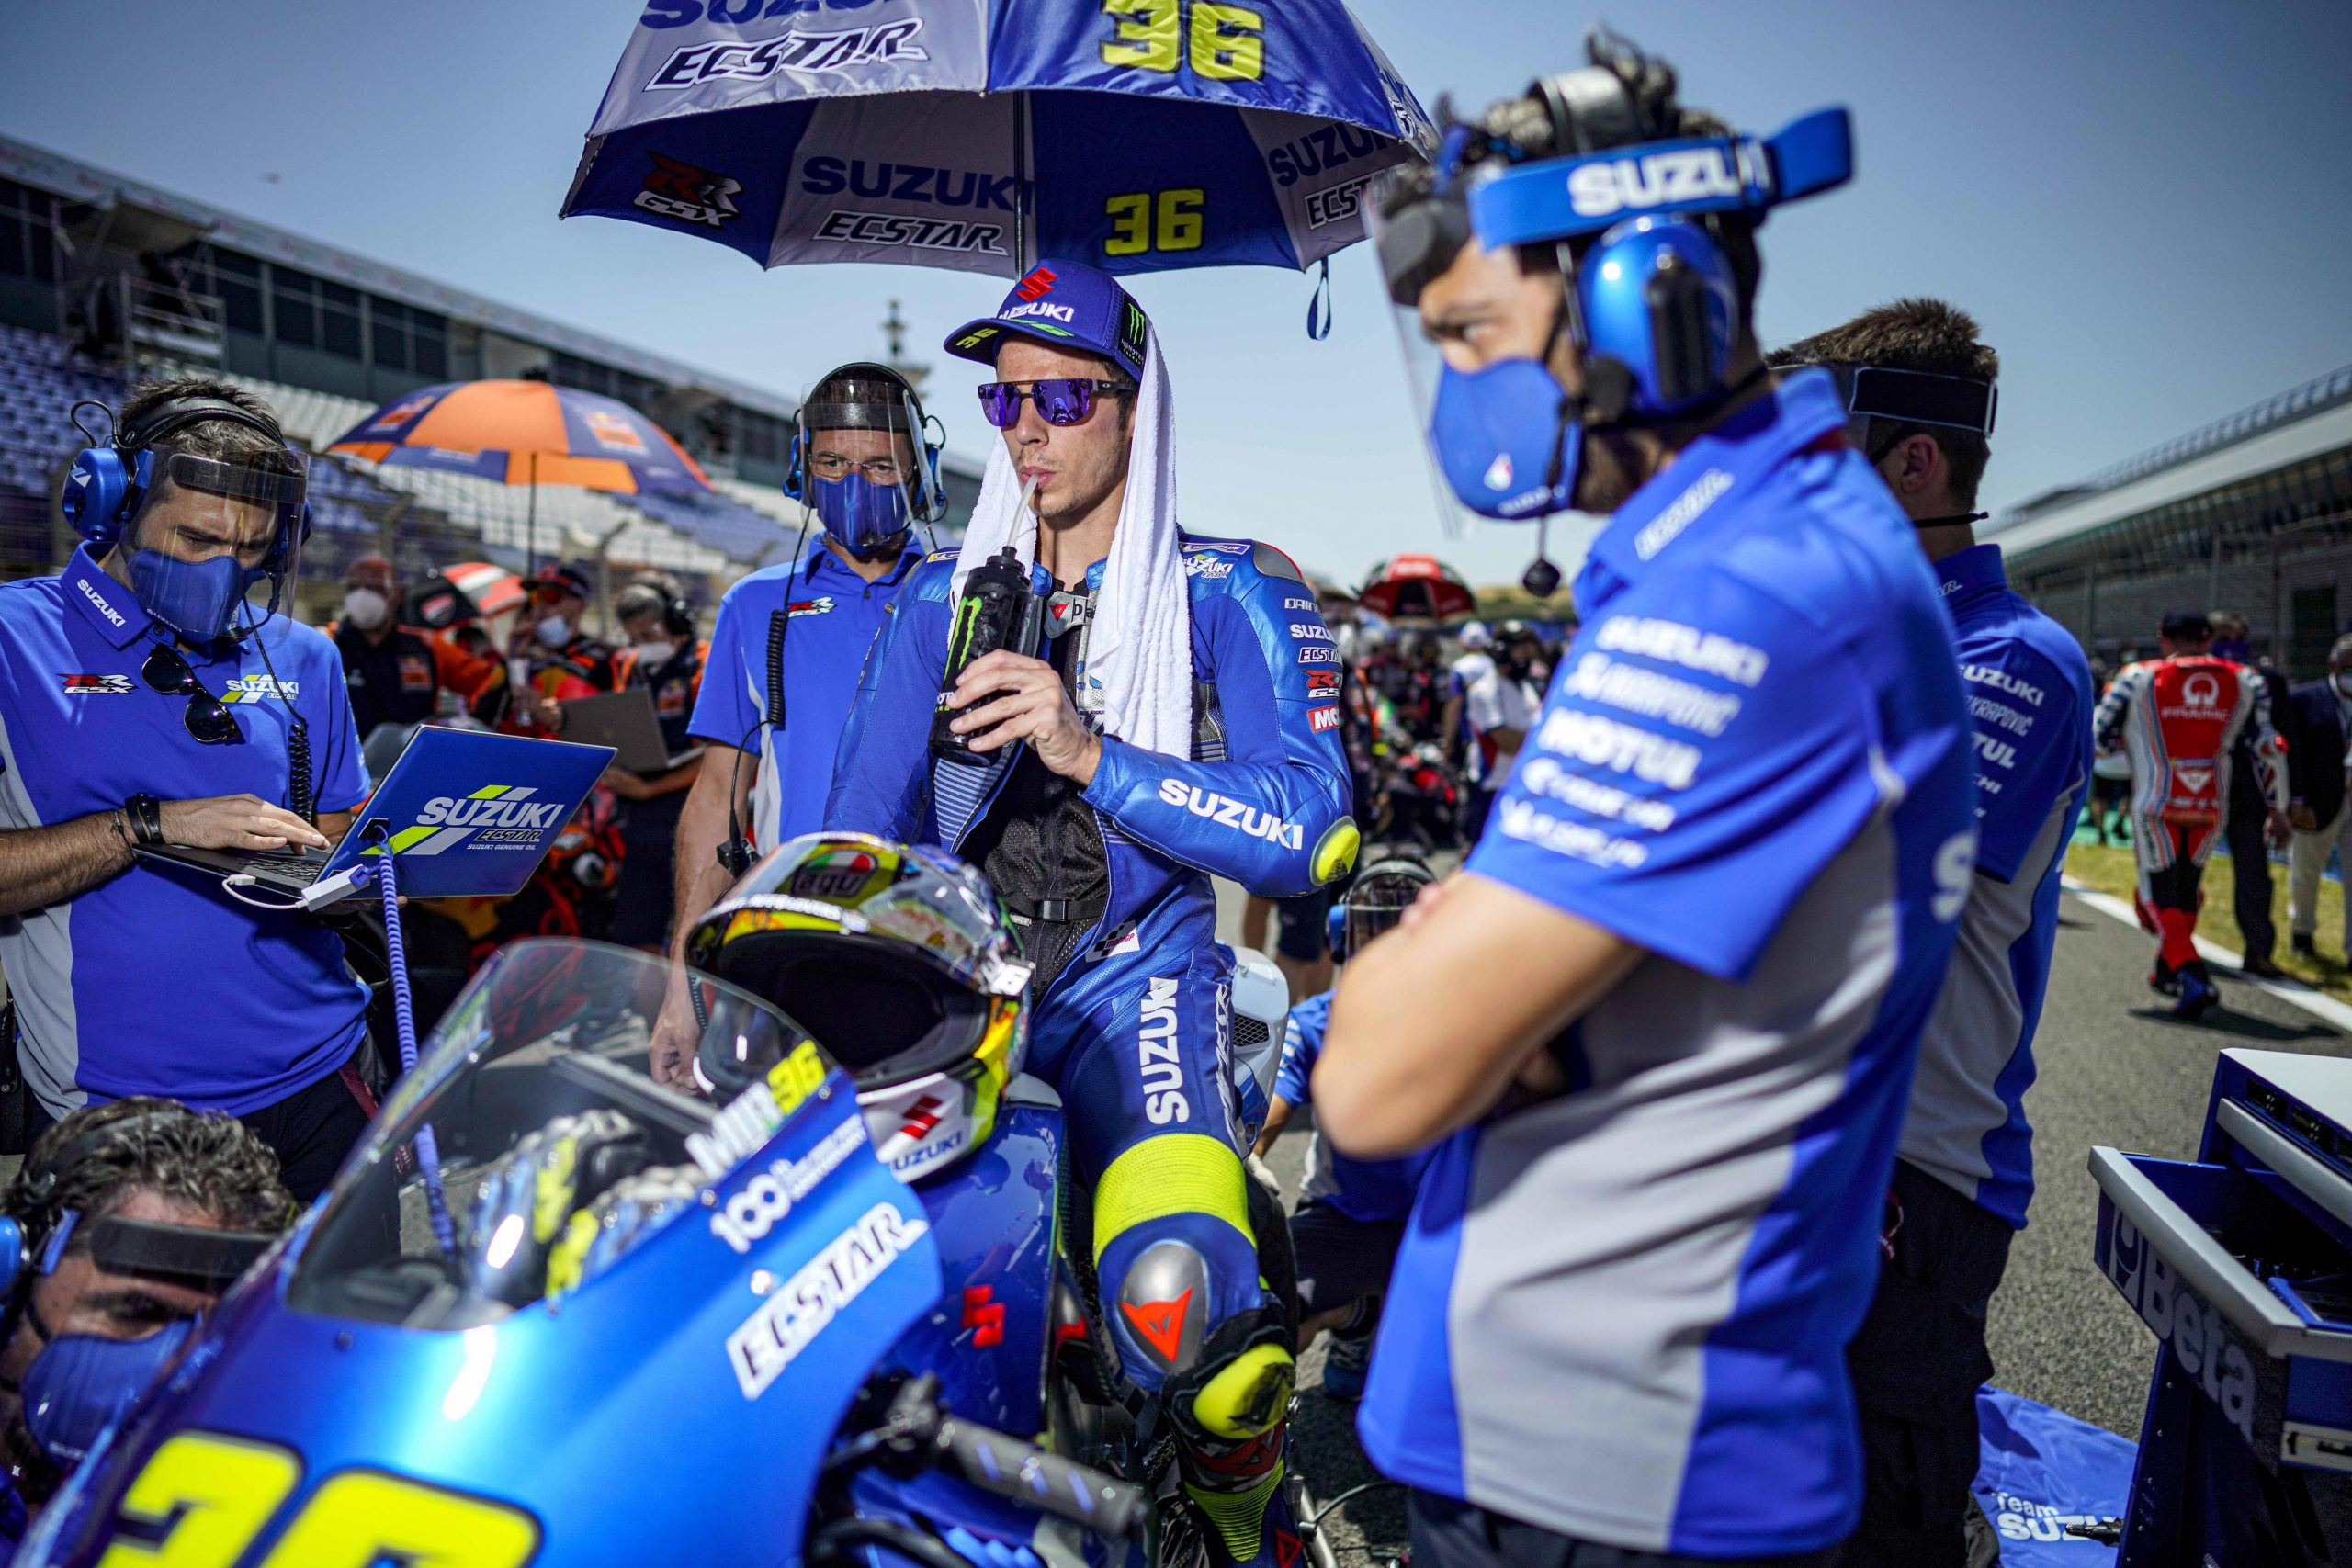 No Points In Spain For Team Suzuki ECSTAR